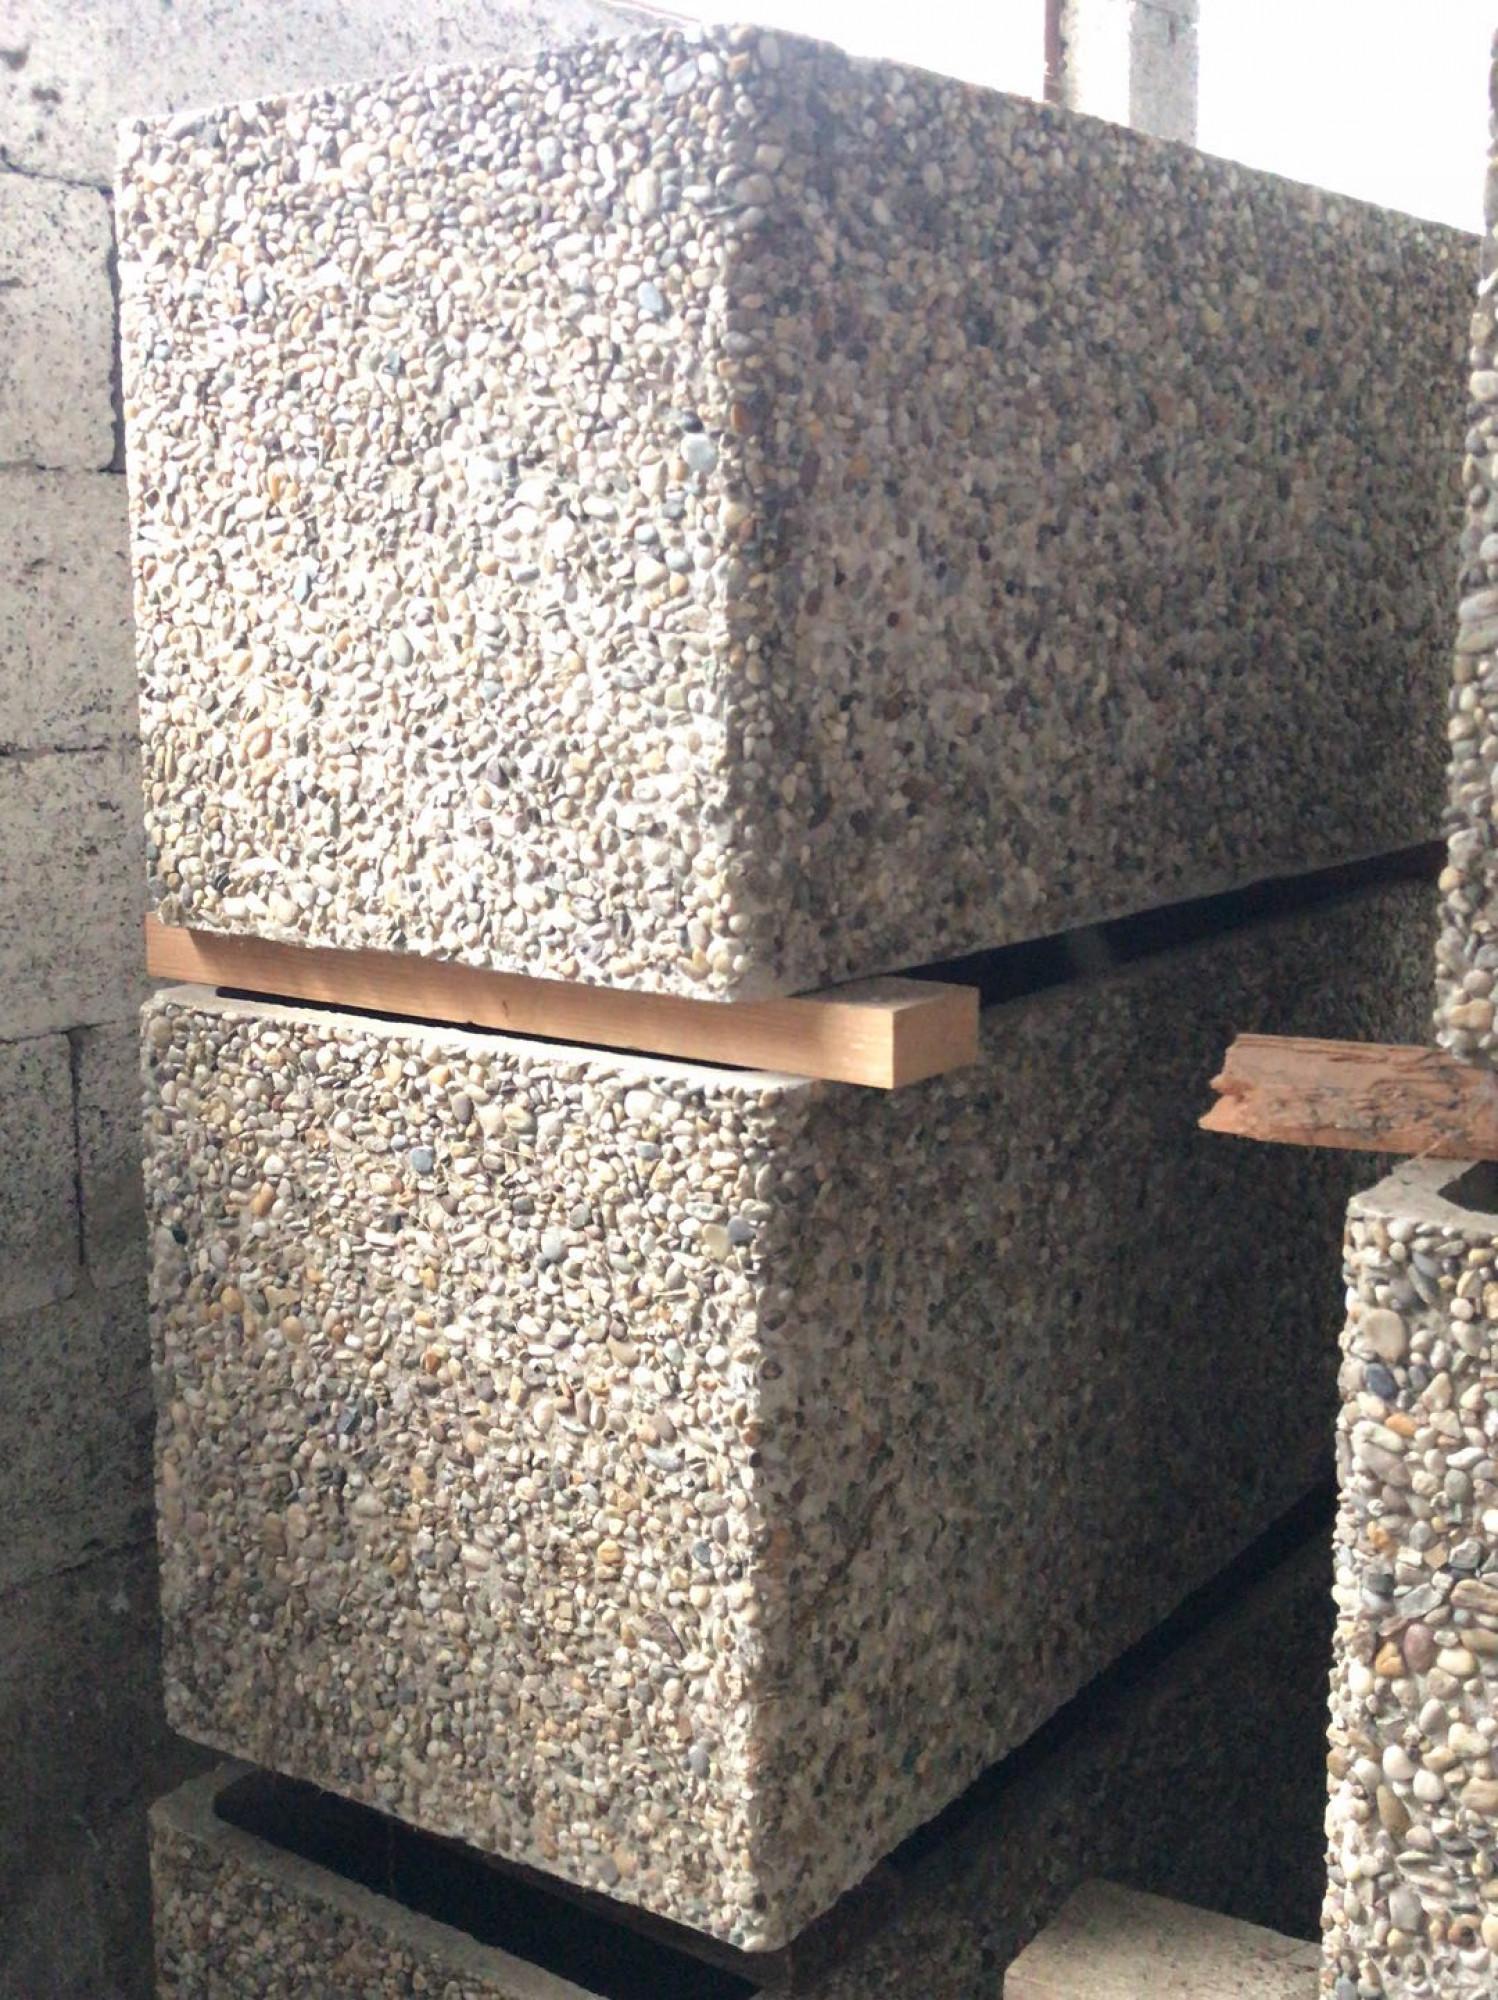 Övg versteigerungen (deutsch/oswald) - artikel nr. 231835: betontrog